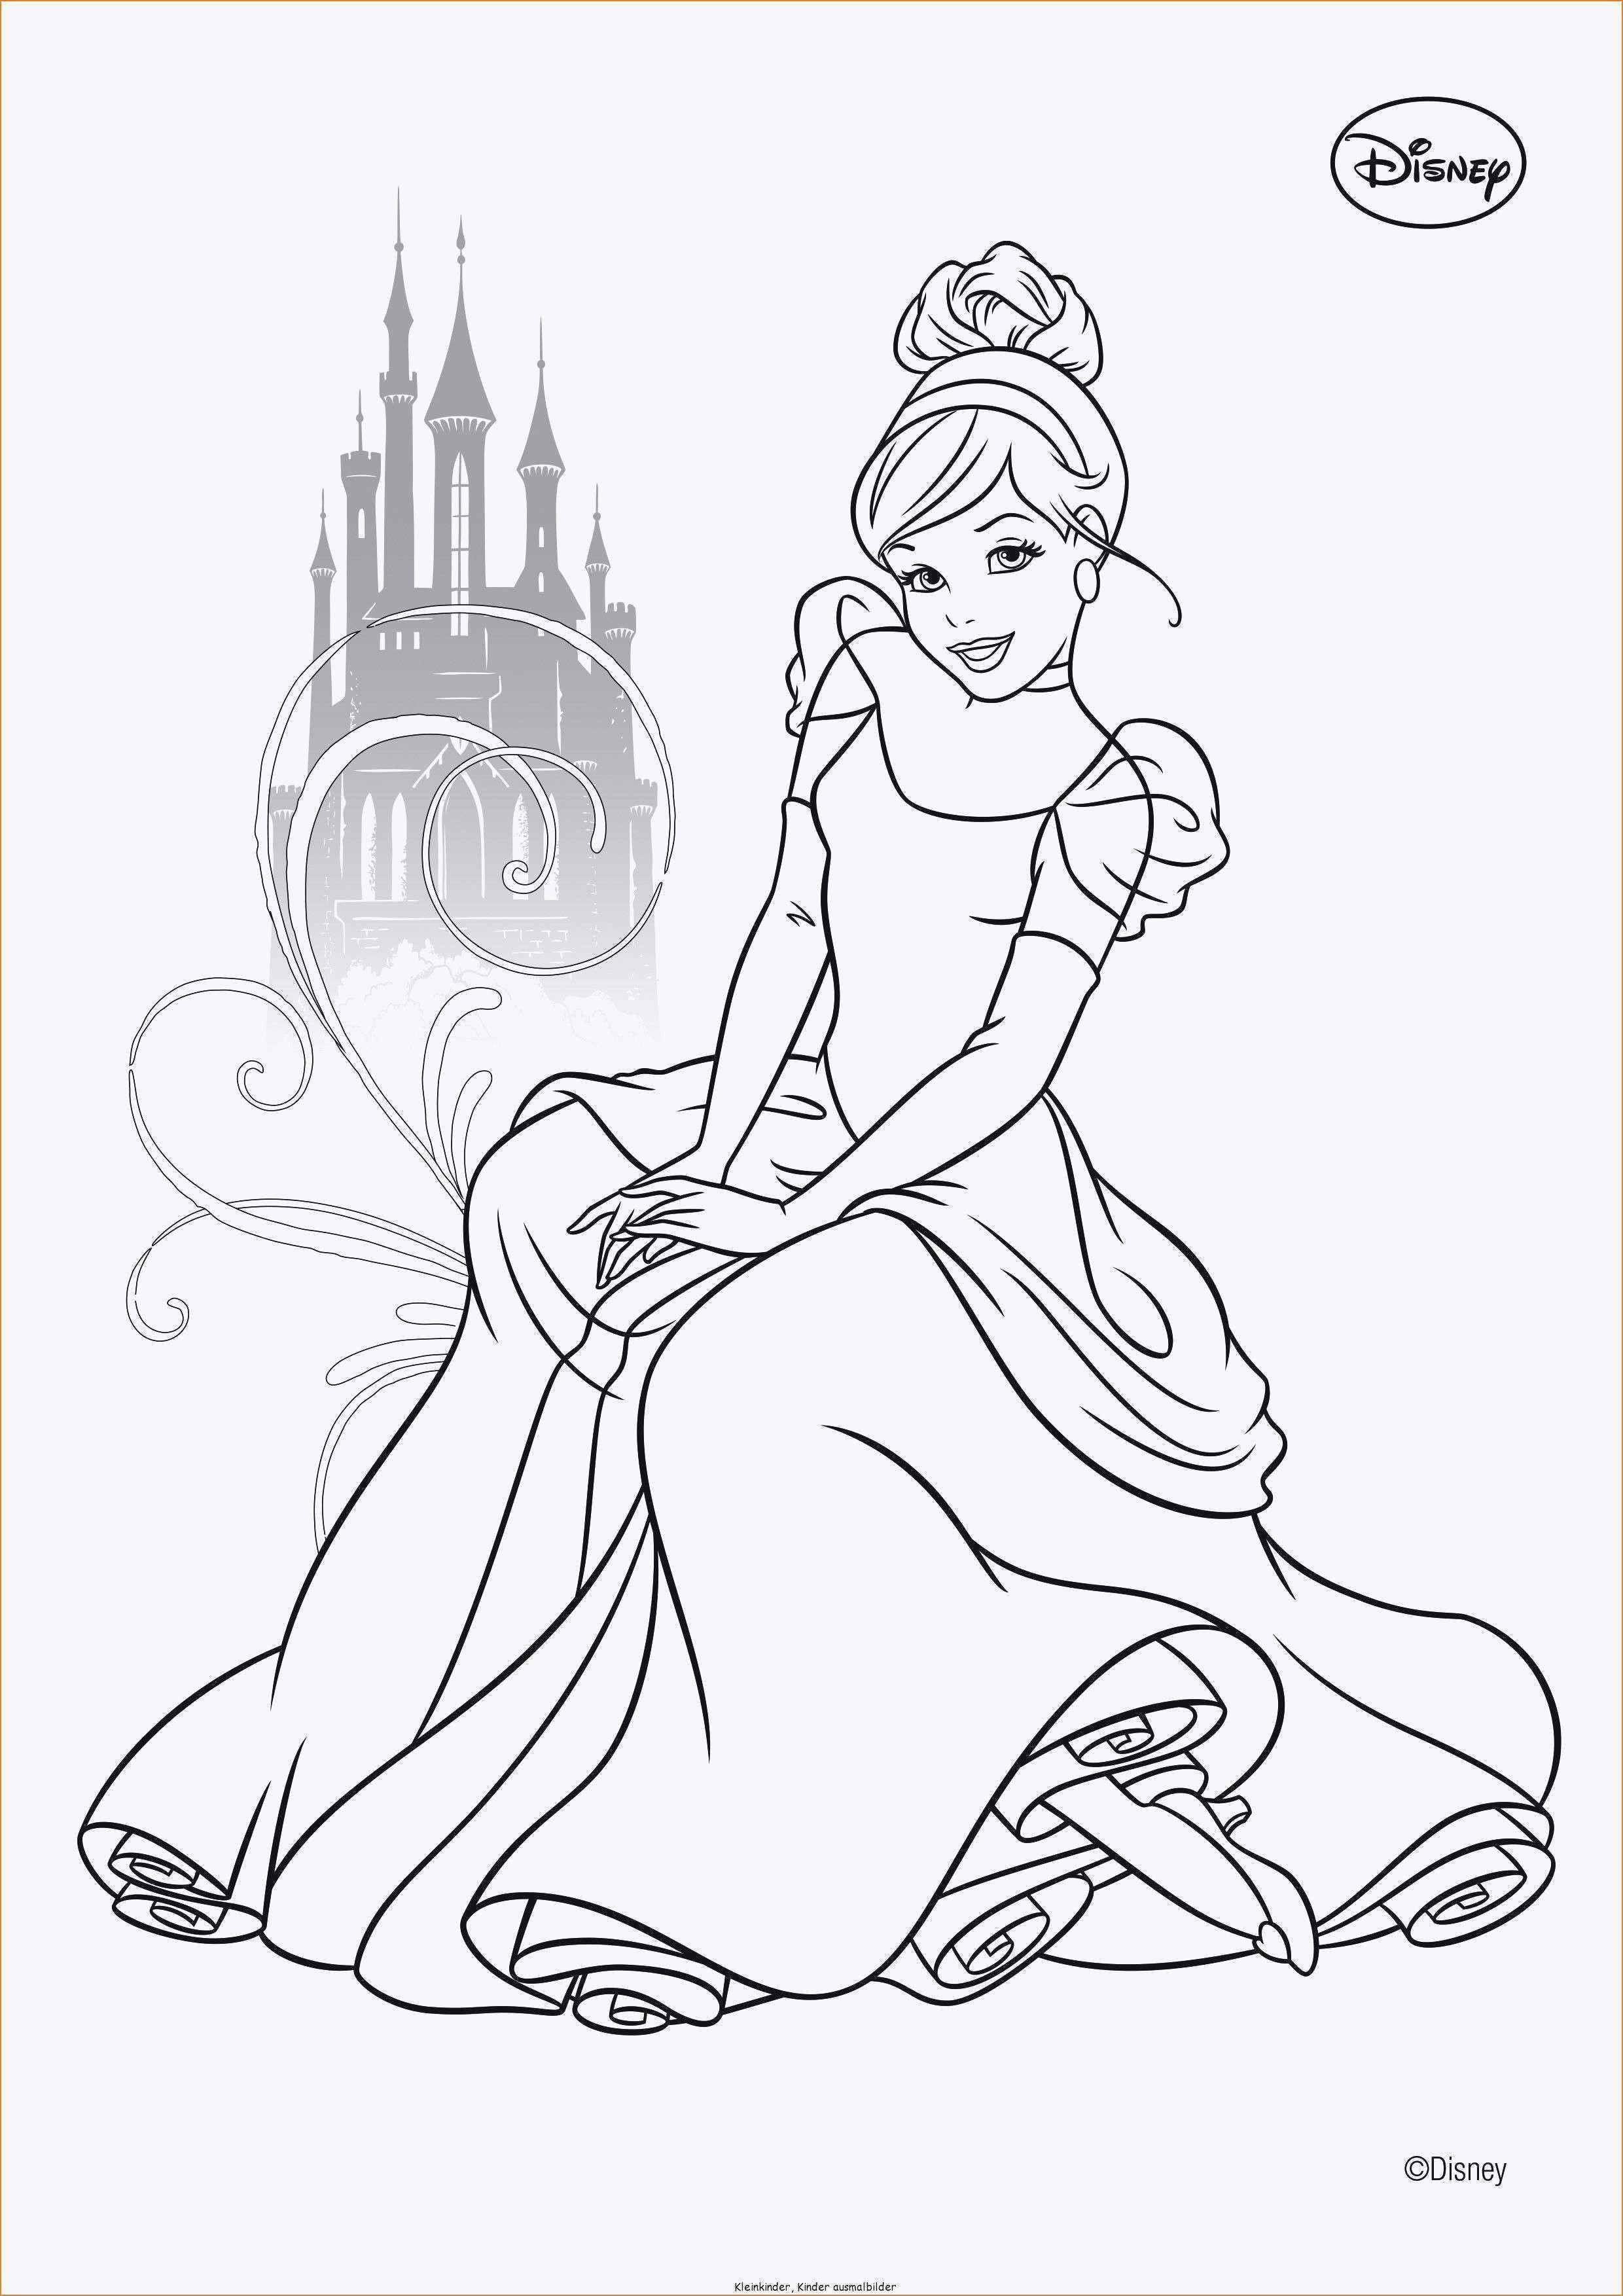 Ausmalbilder Prinzessin Das Beste Von Ausmalbilder Prinzessin Ausmalbilder Pony 0d Sammlung